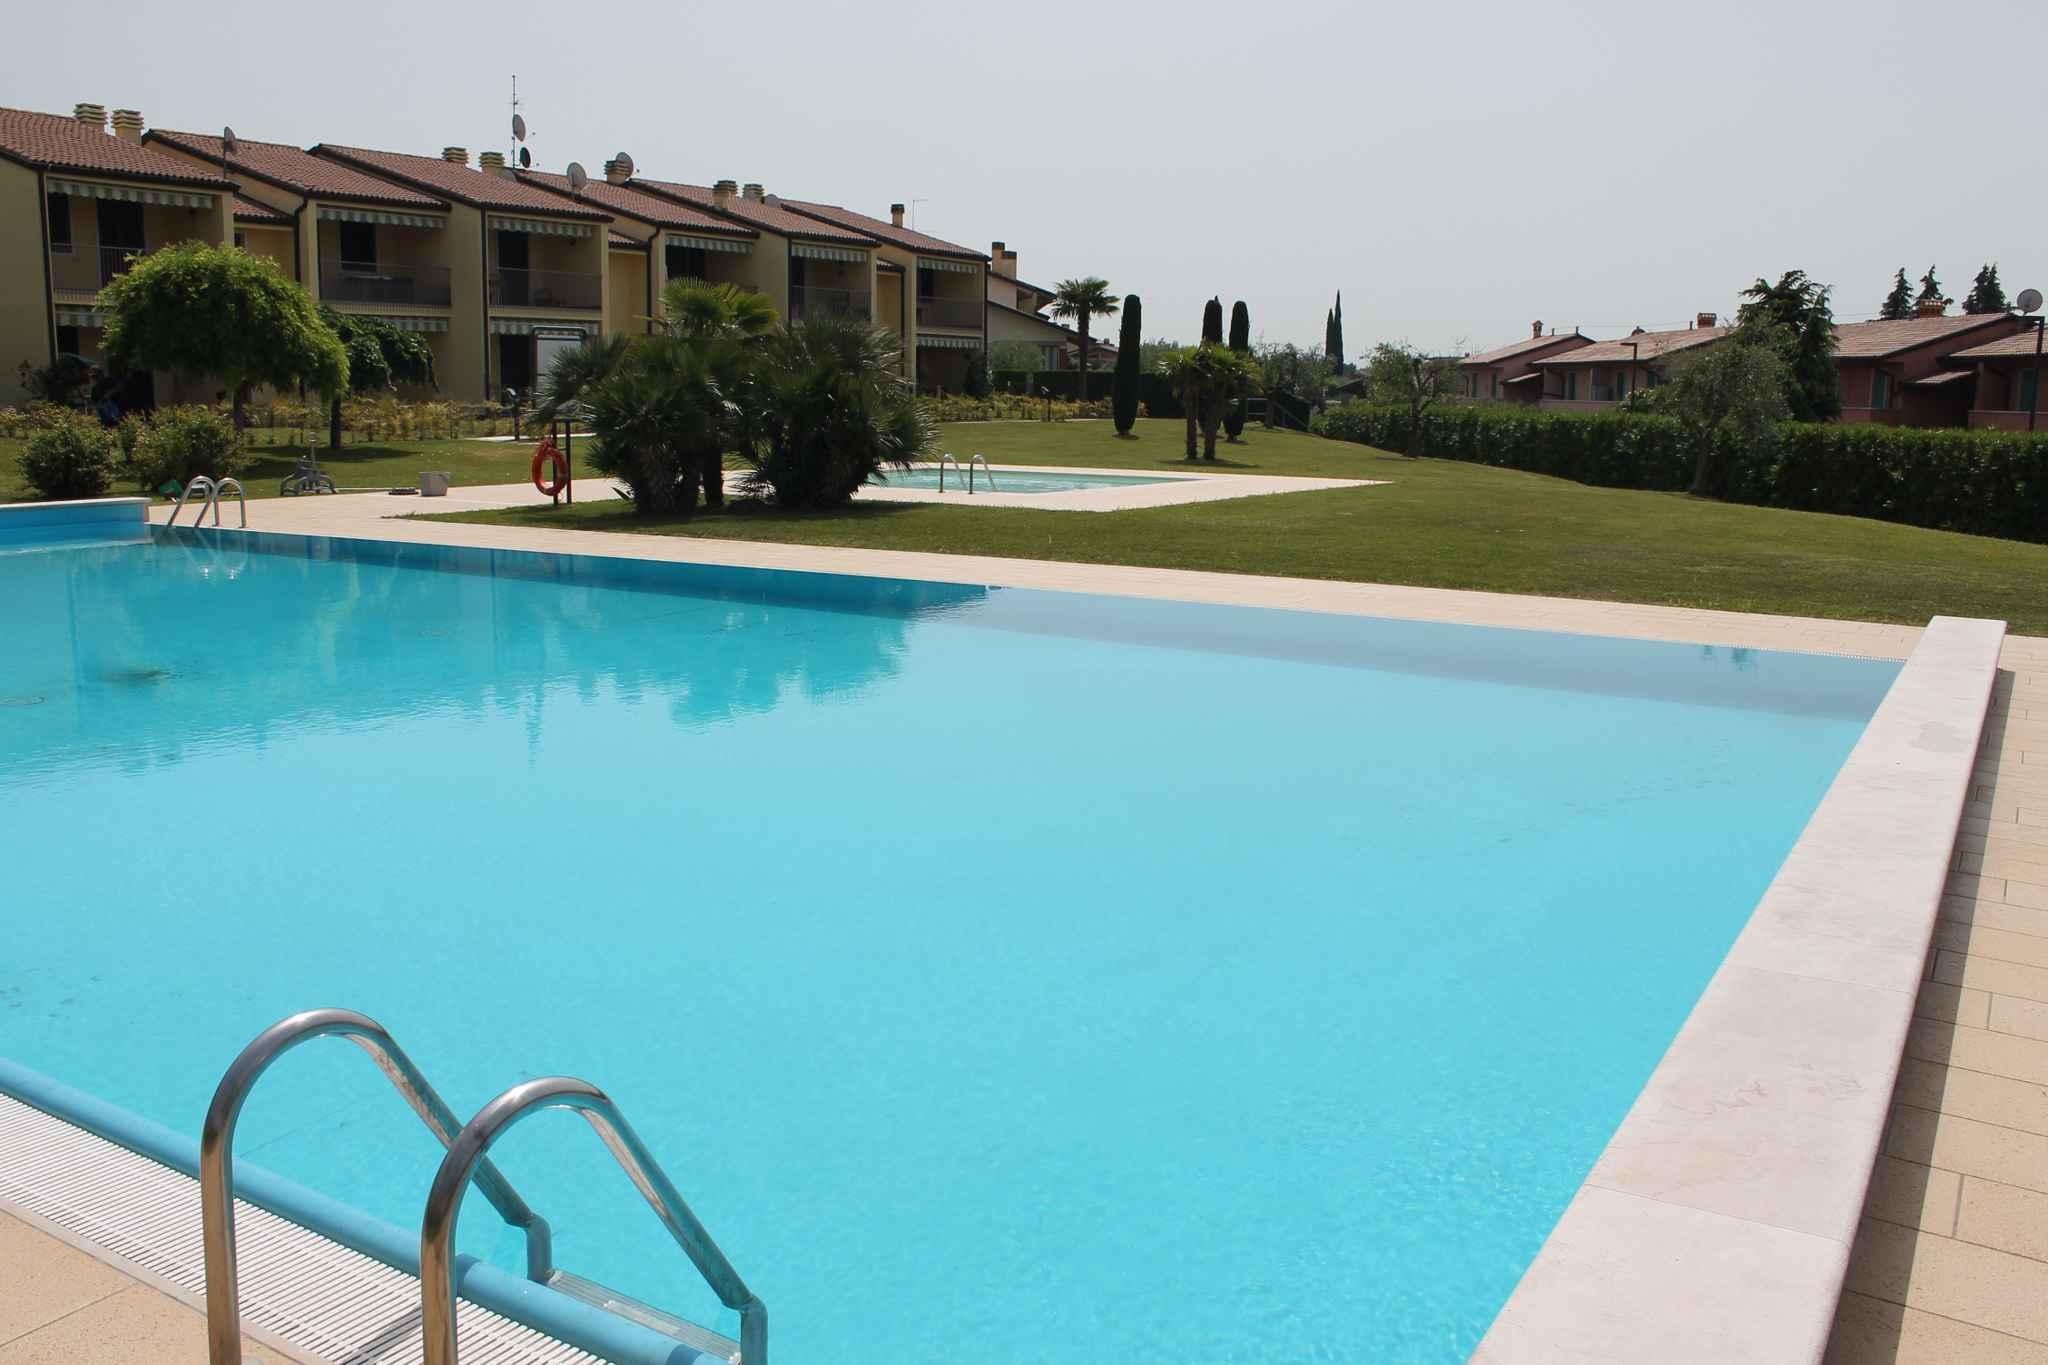 Ferienwohnung con piscina (279601), Lazise, Gardasee, Venetien, Italien, Bild 7